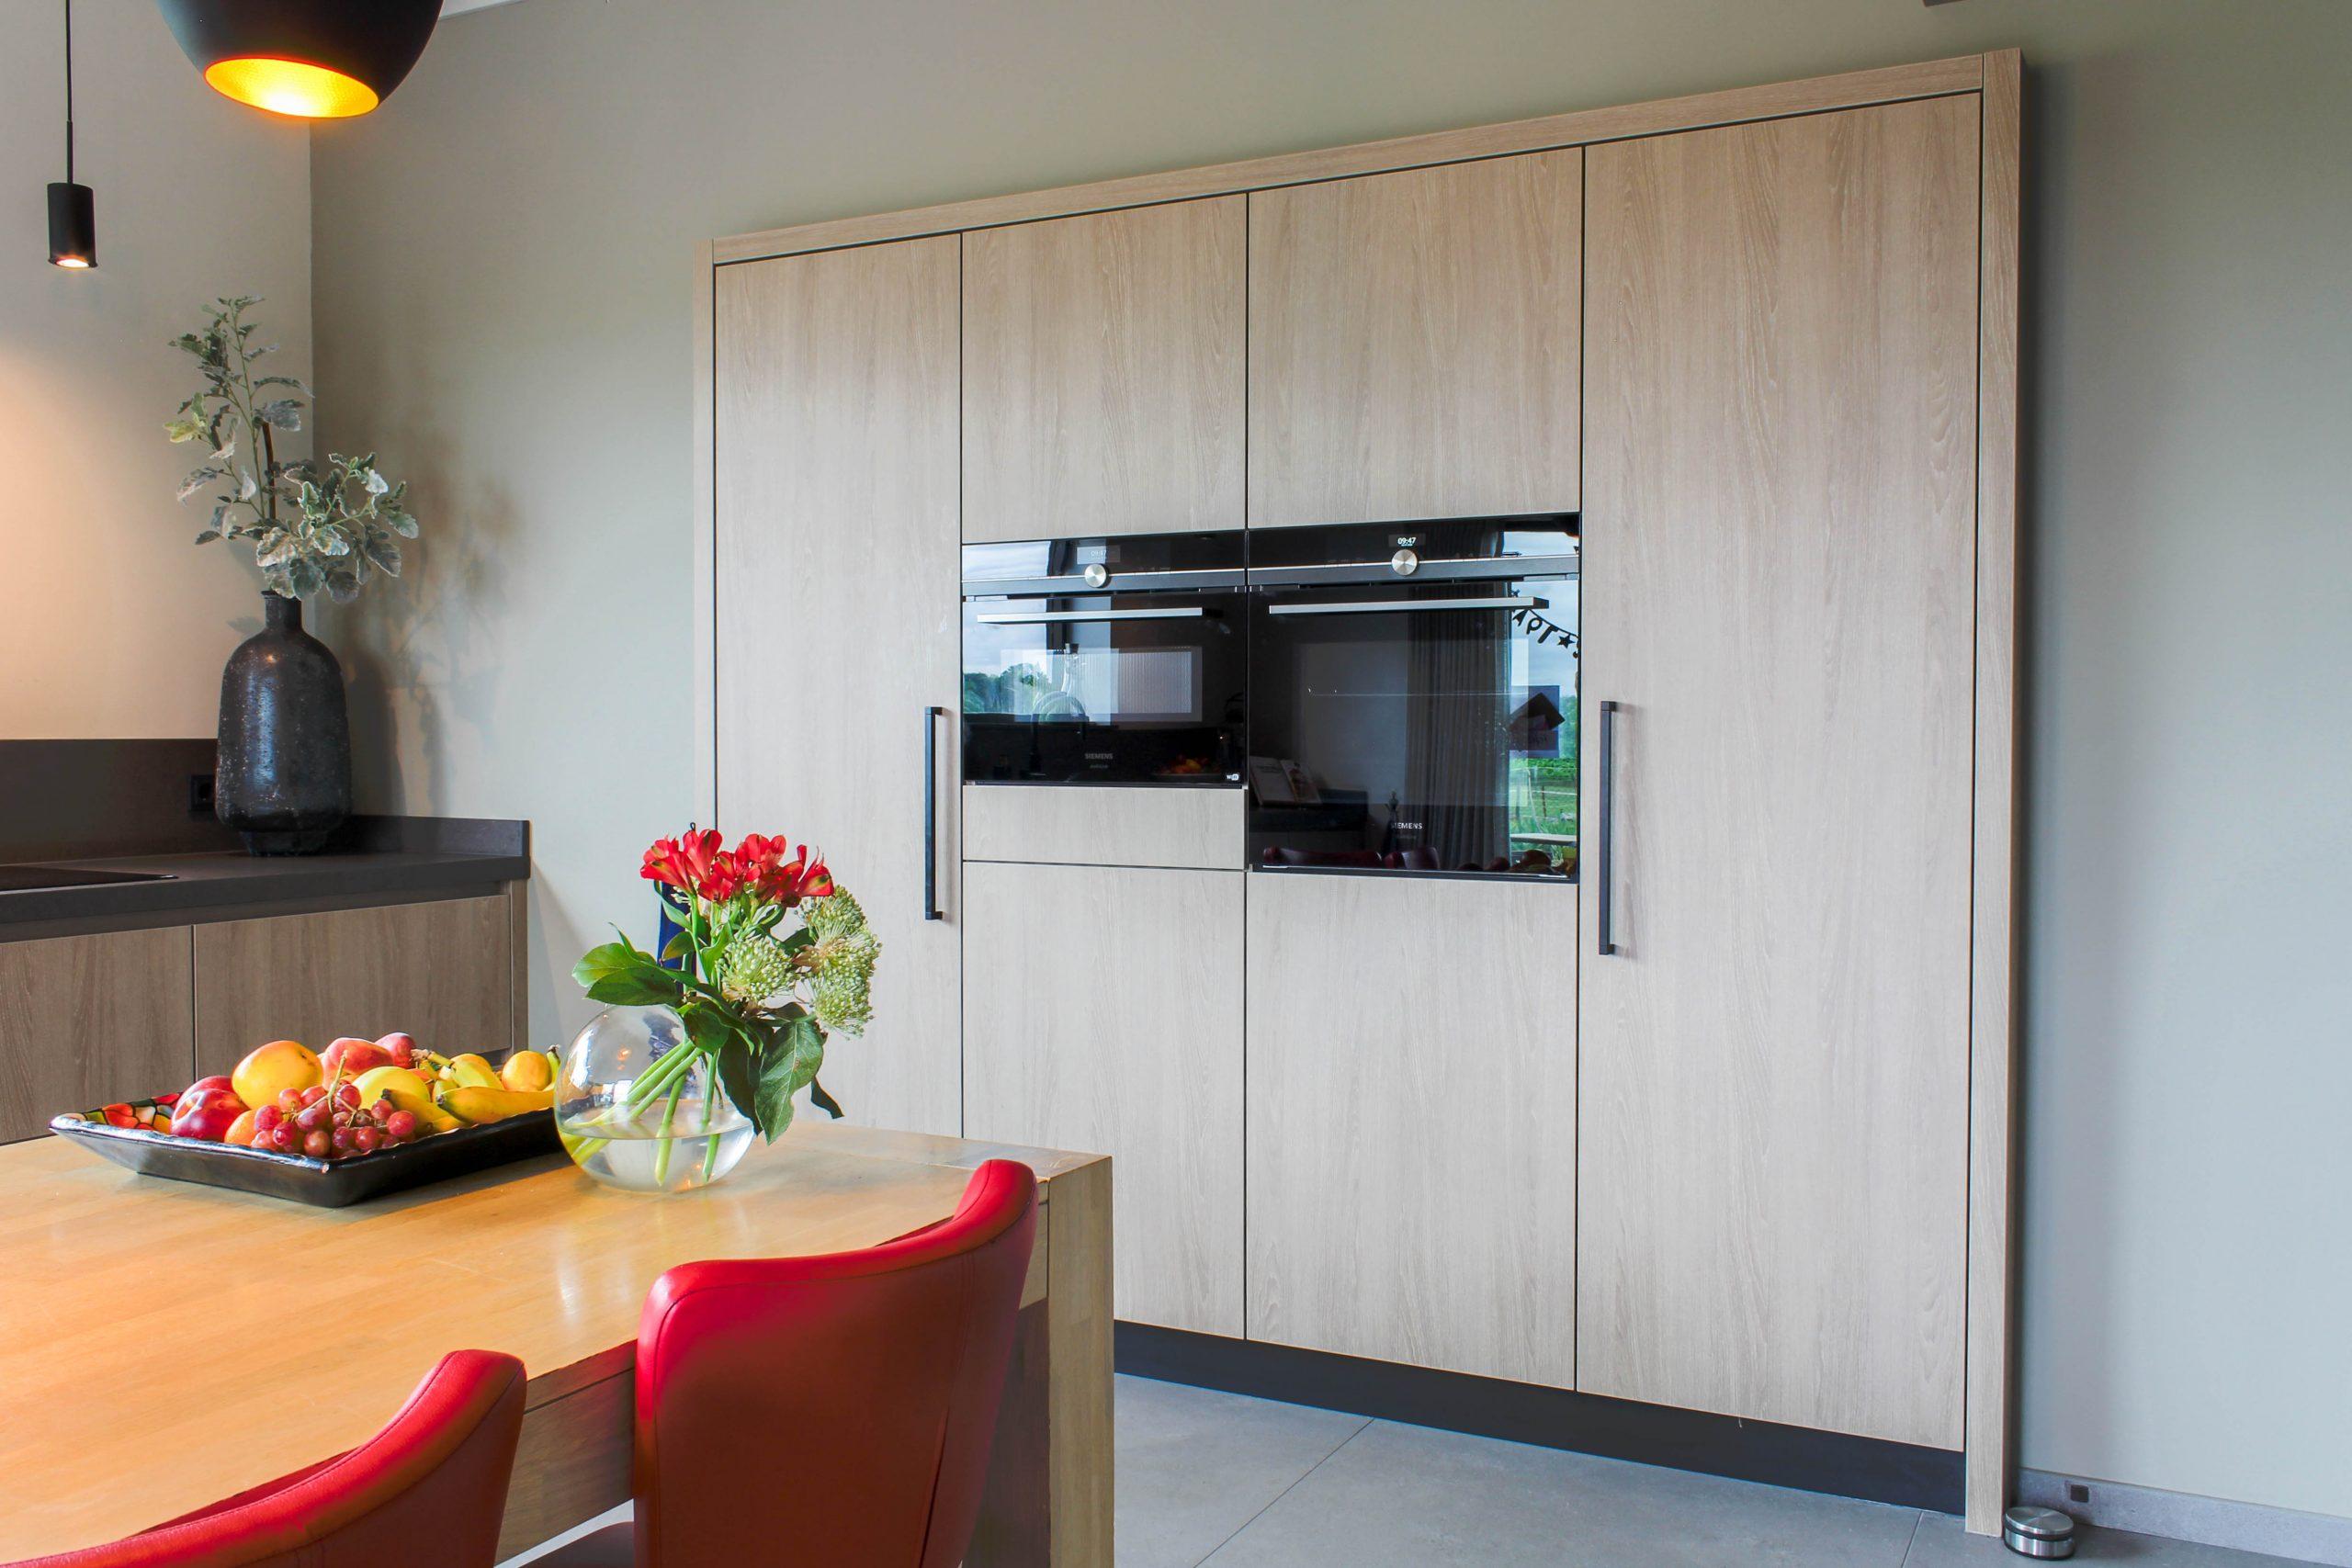 Apparatenwand woonhuis keuken